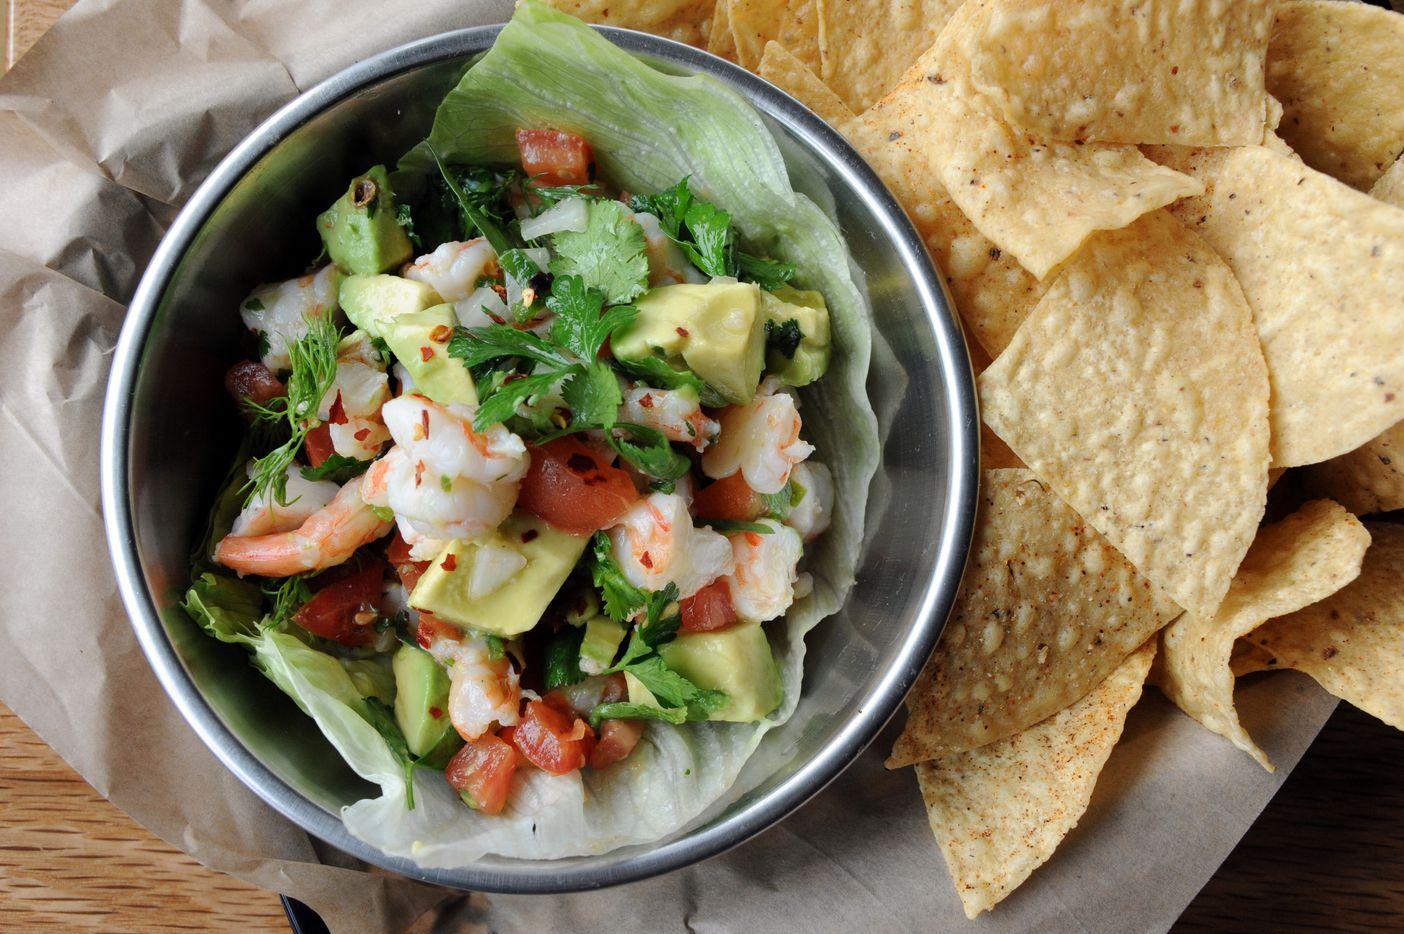 The gulf shrimp ceviche features pico de gallo, avocado, and grapefruit-lime vinaigrette at Spork in Far North Dallas, TX on March 15, 2015. (Alexandra Olivia/ Special Contributor)